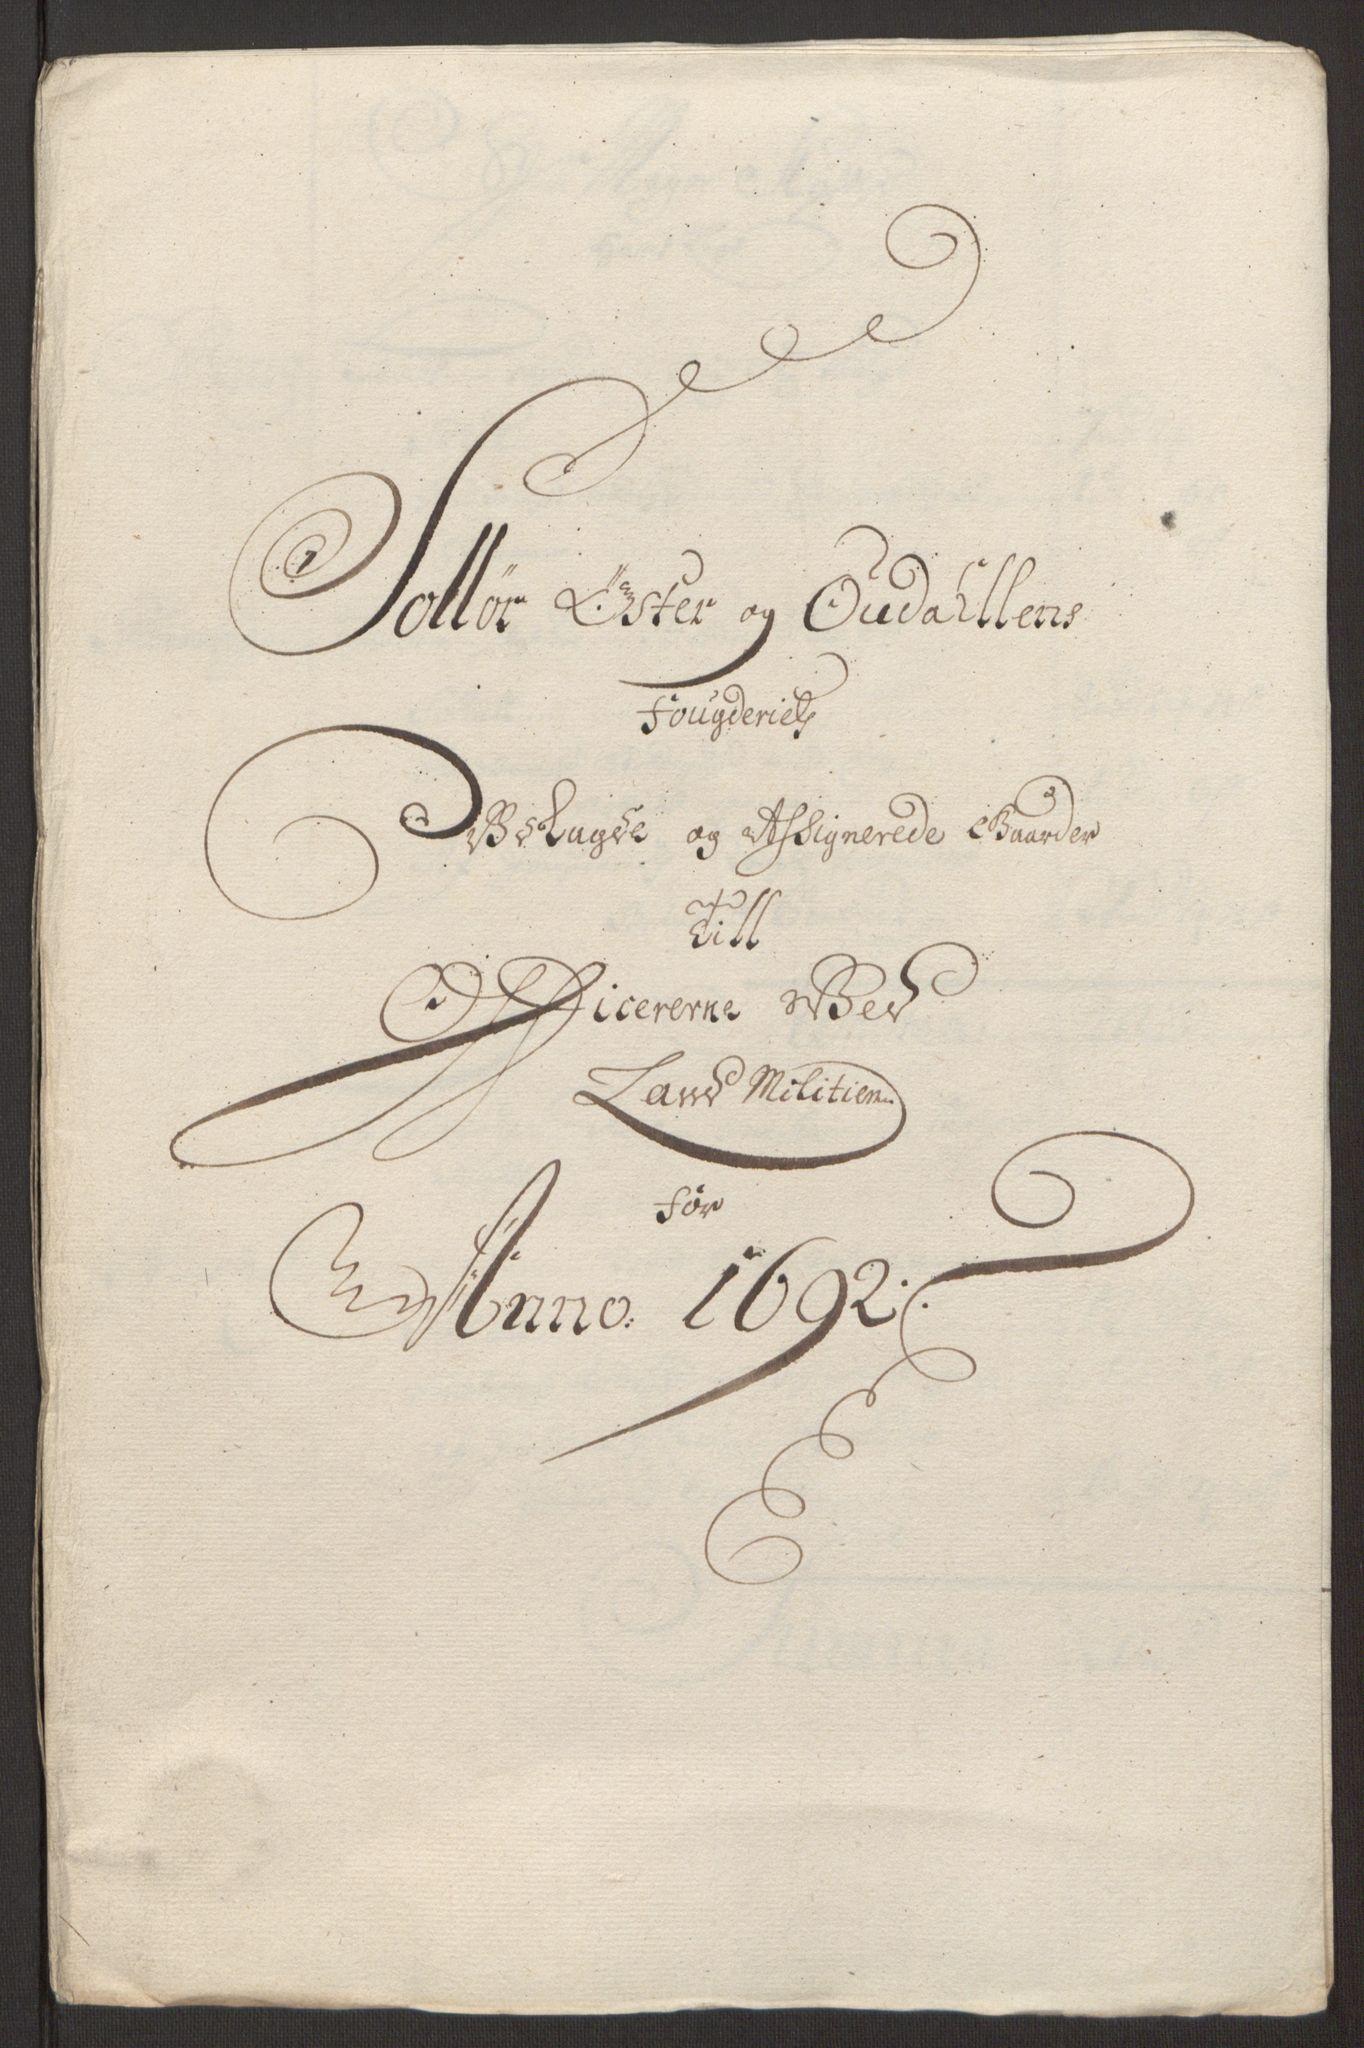 RA, Rentekammeret inntil 1814, Reviderte regnskaper, Fogderegnskap, R13/L0830: Fogderegnskap Solør, Odal og Østerdal, 1692, s. 423